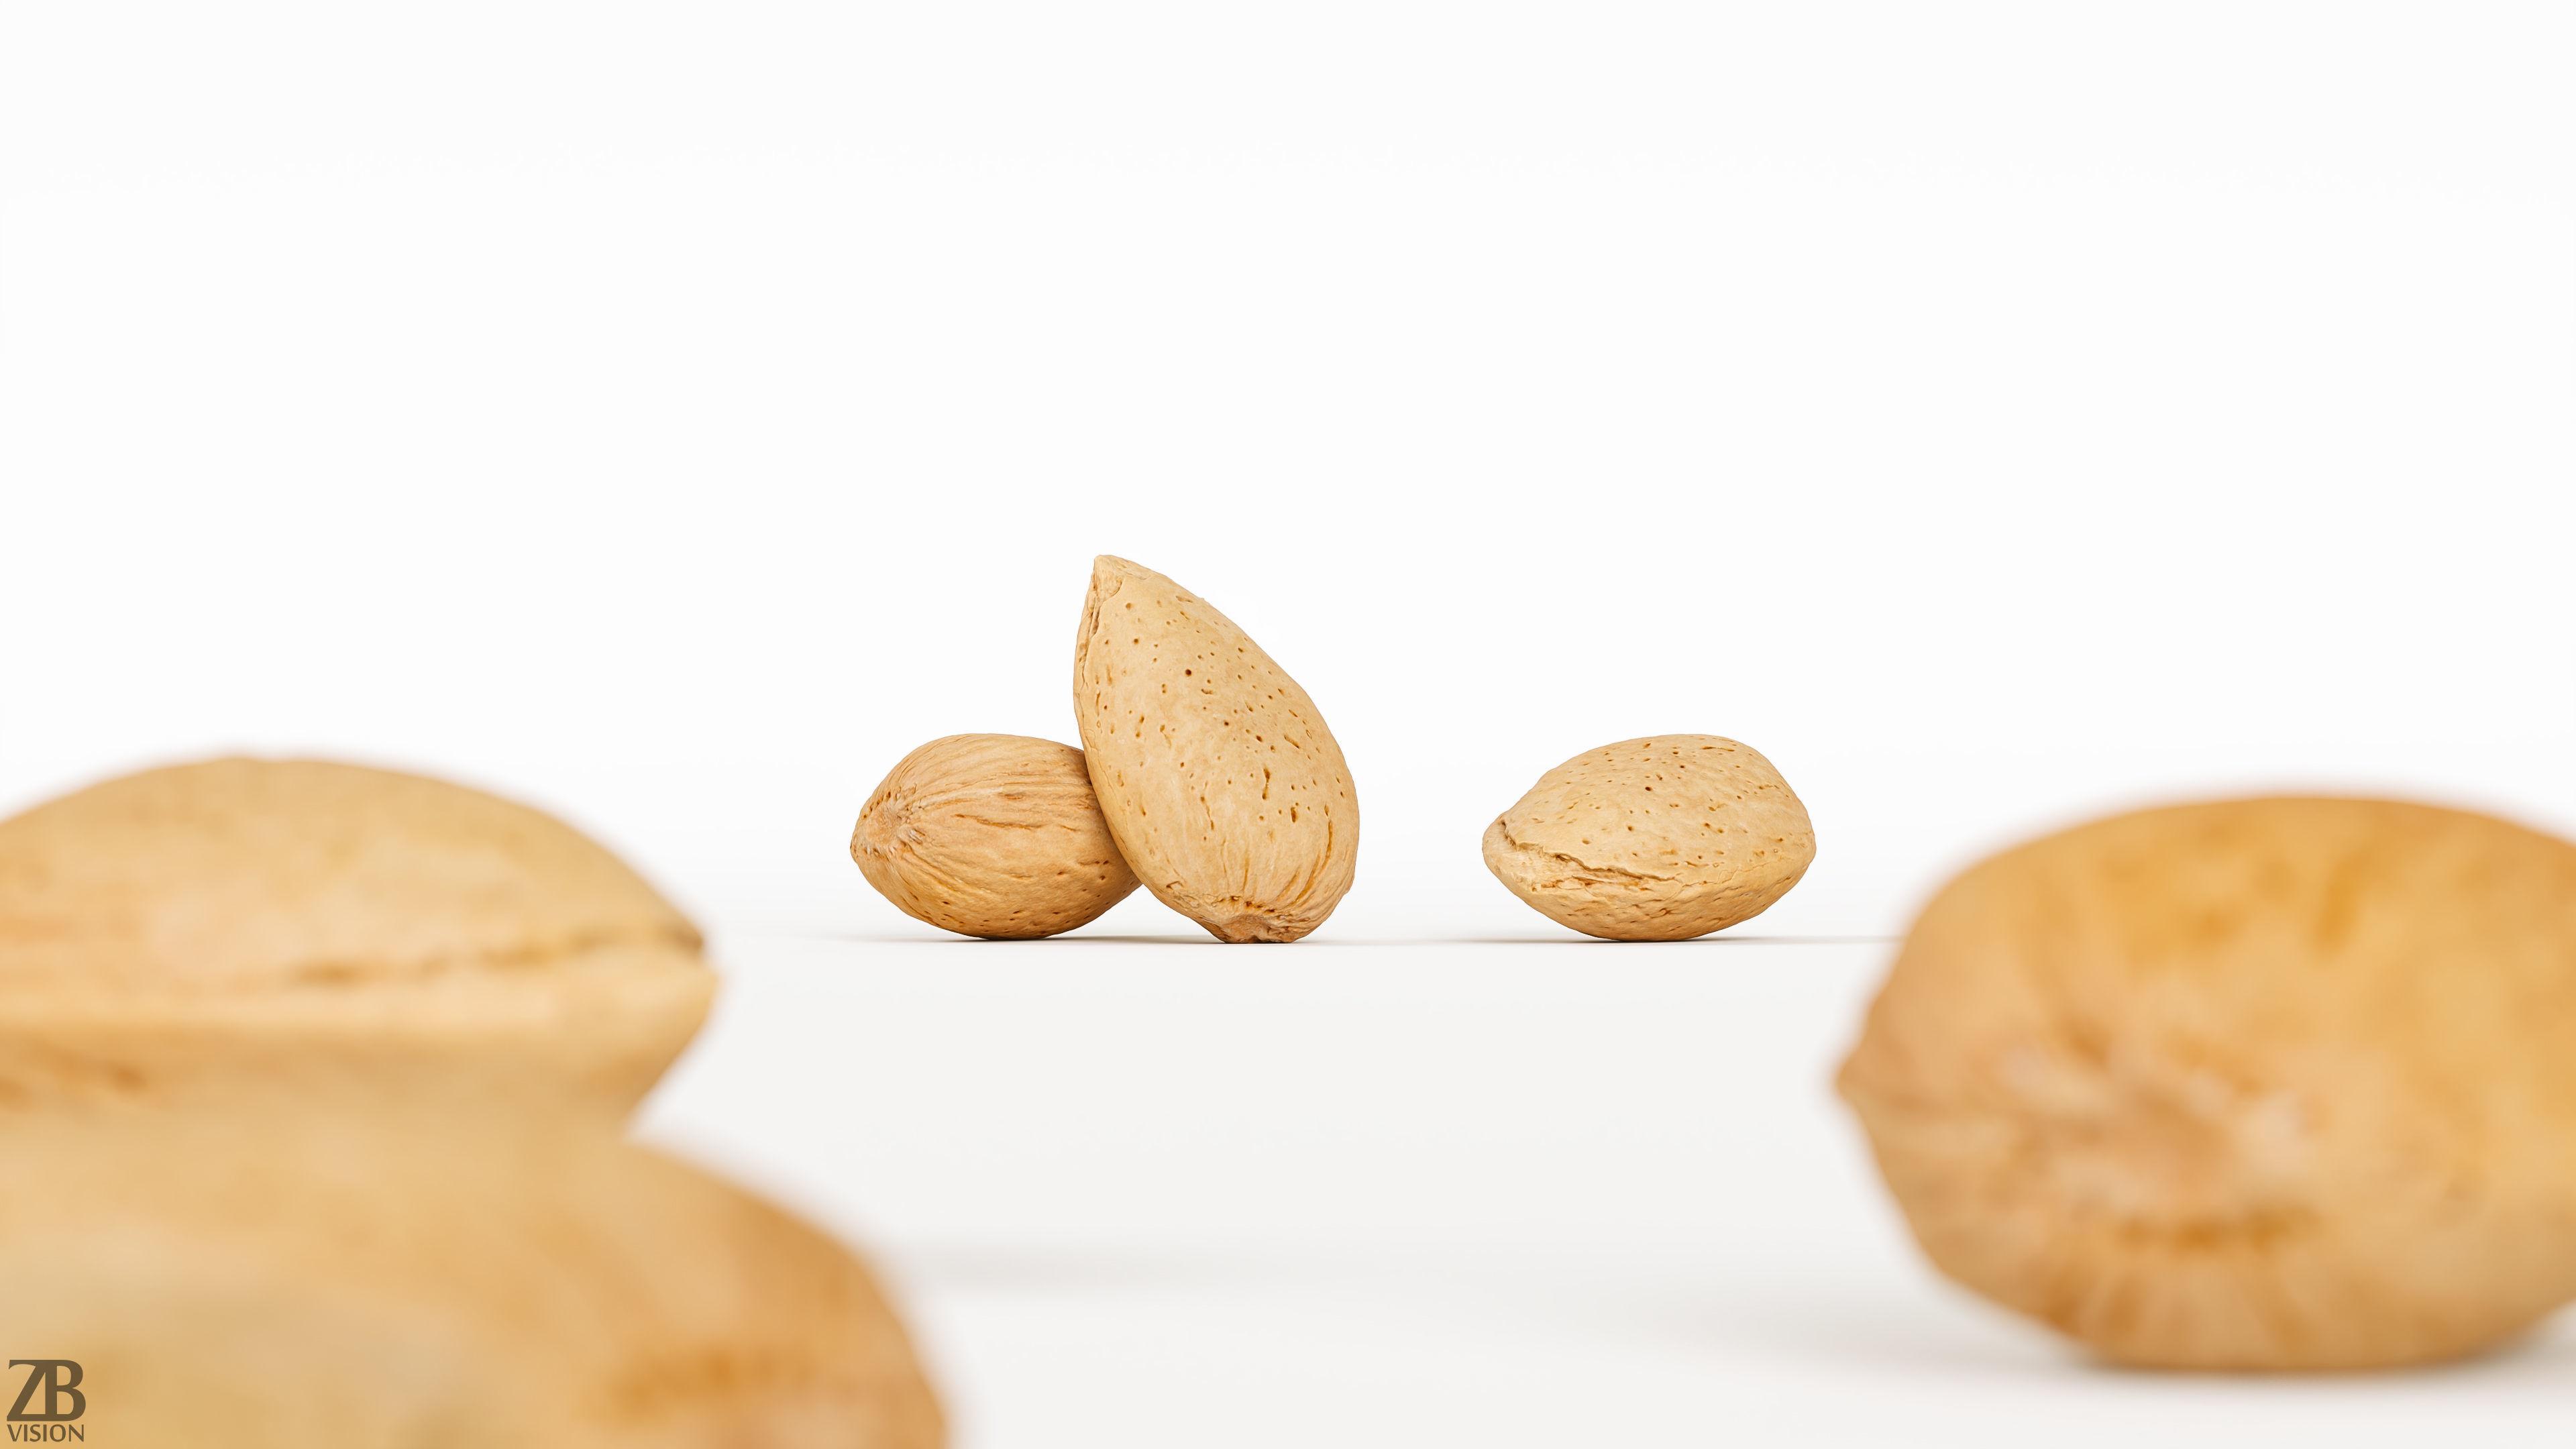 Almond 001